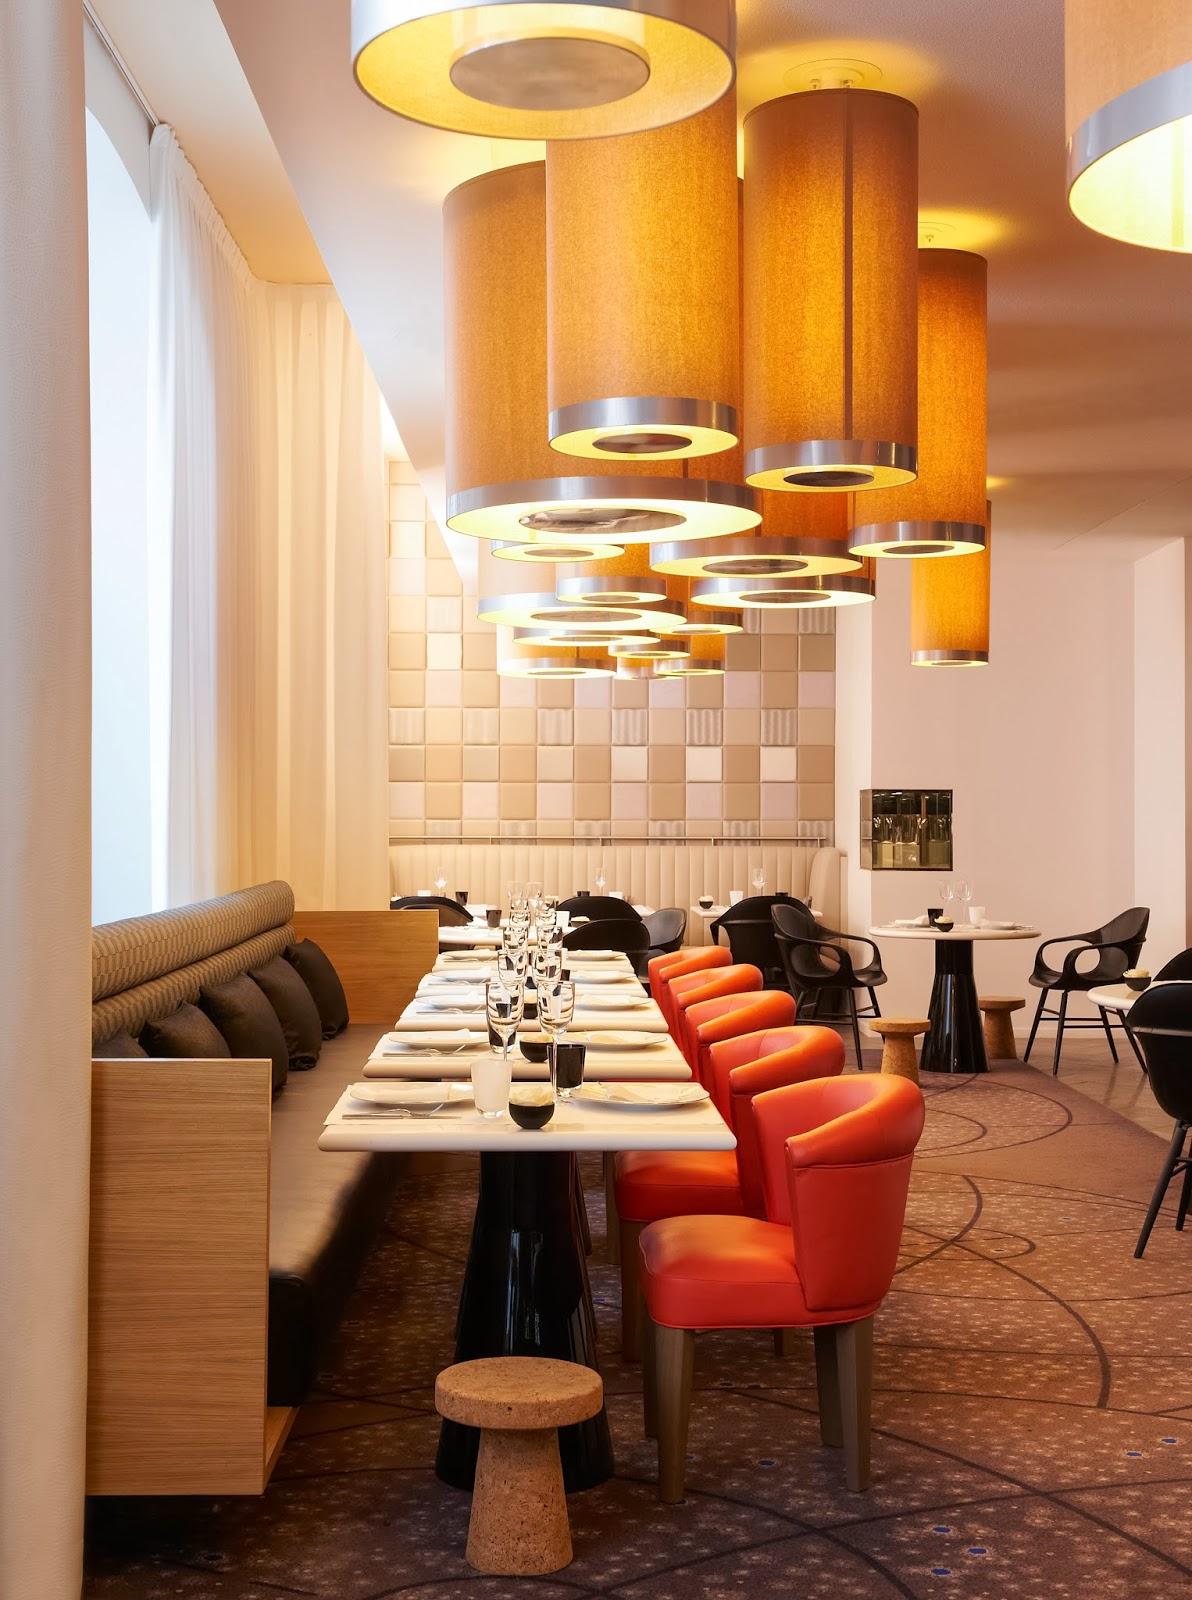 le restaurant du sofitel arc de triomphe bons plans sorties paris. Black Bedroom Furniture Sets. Home Design Ideas